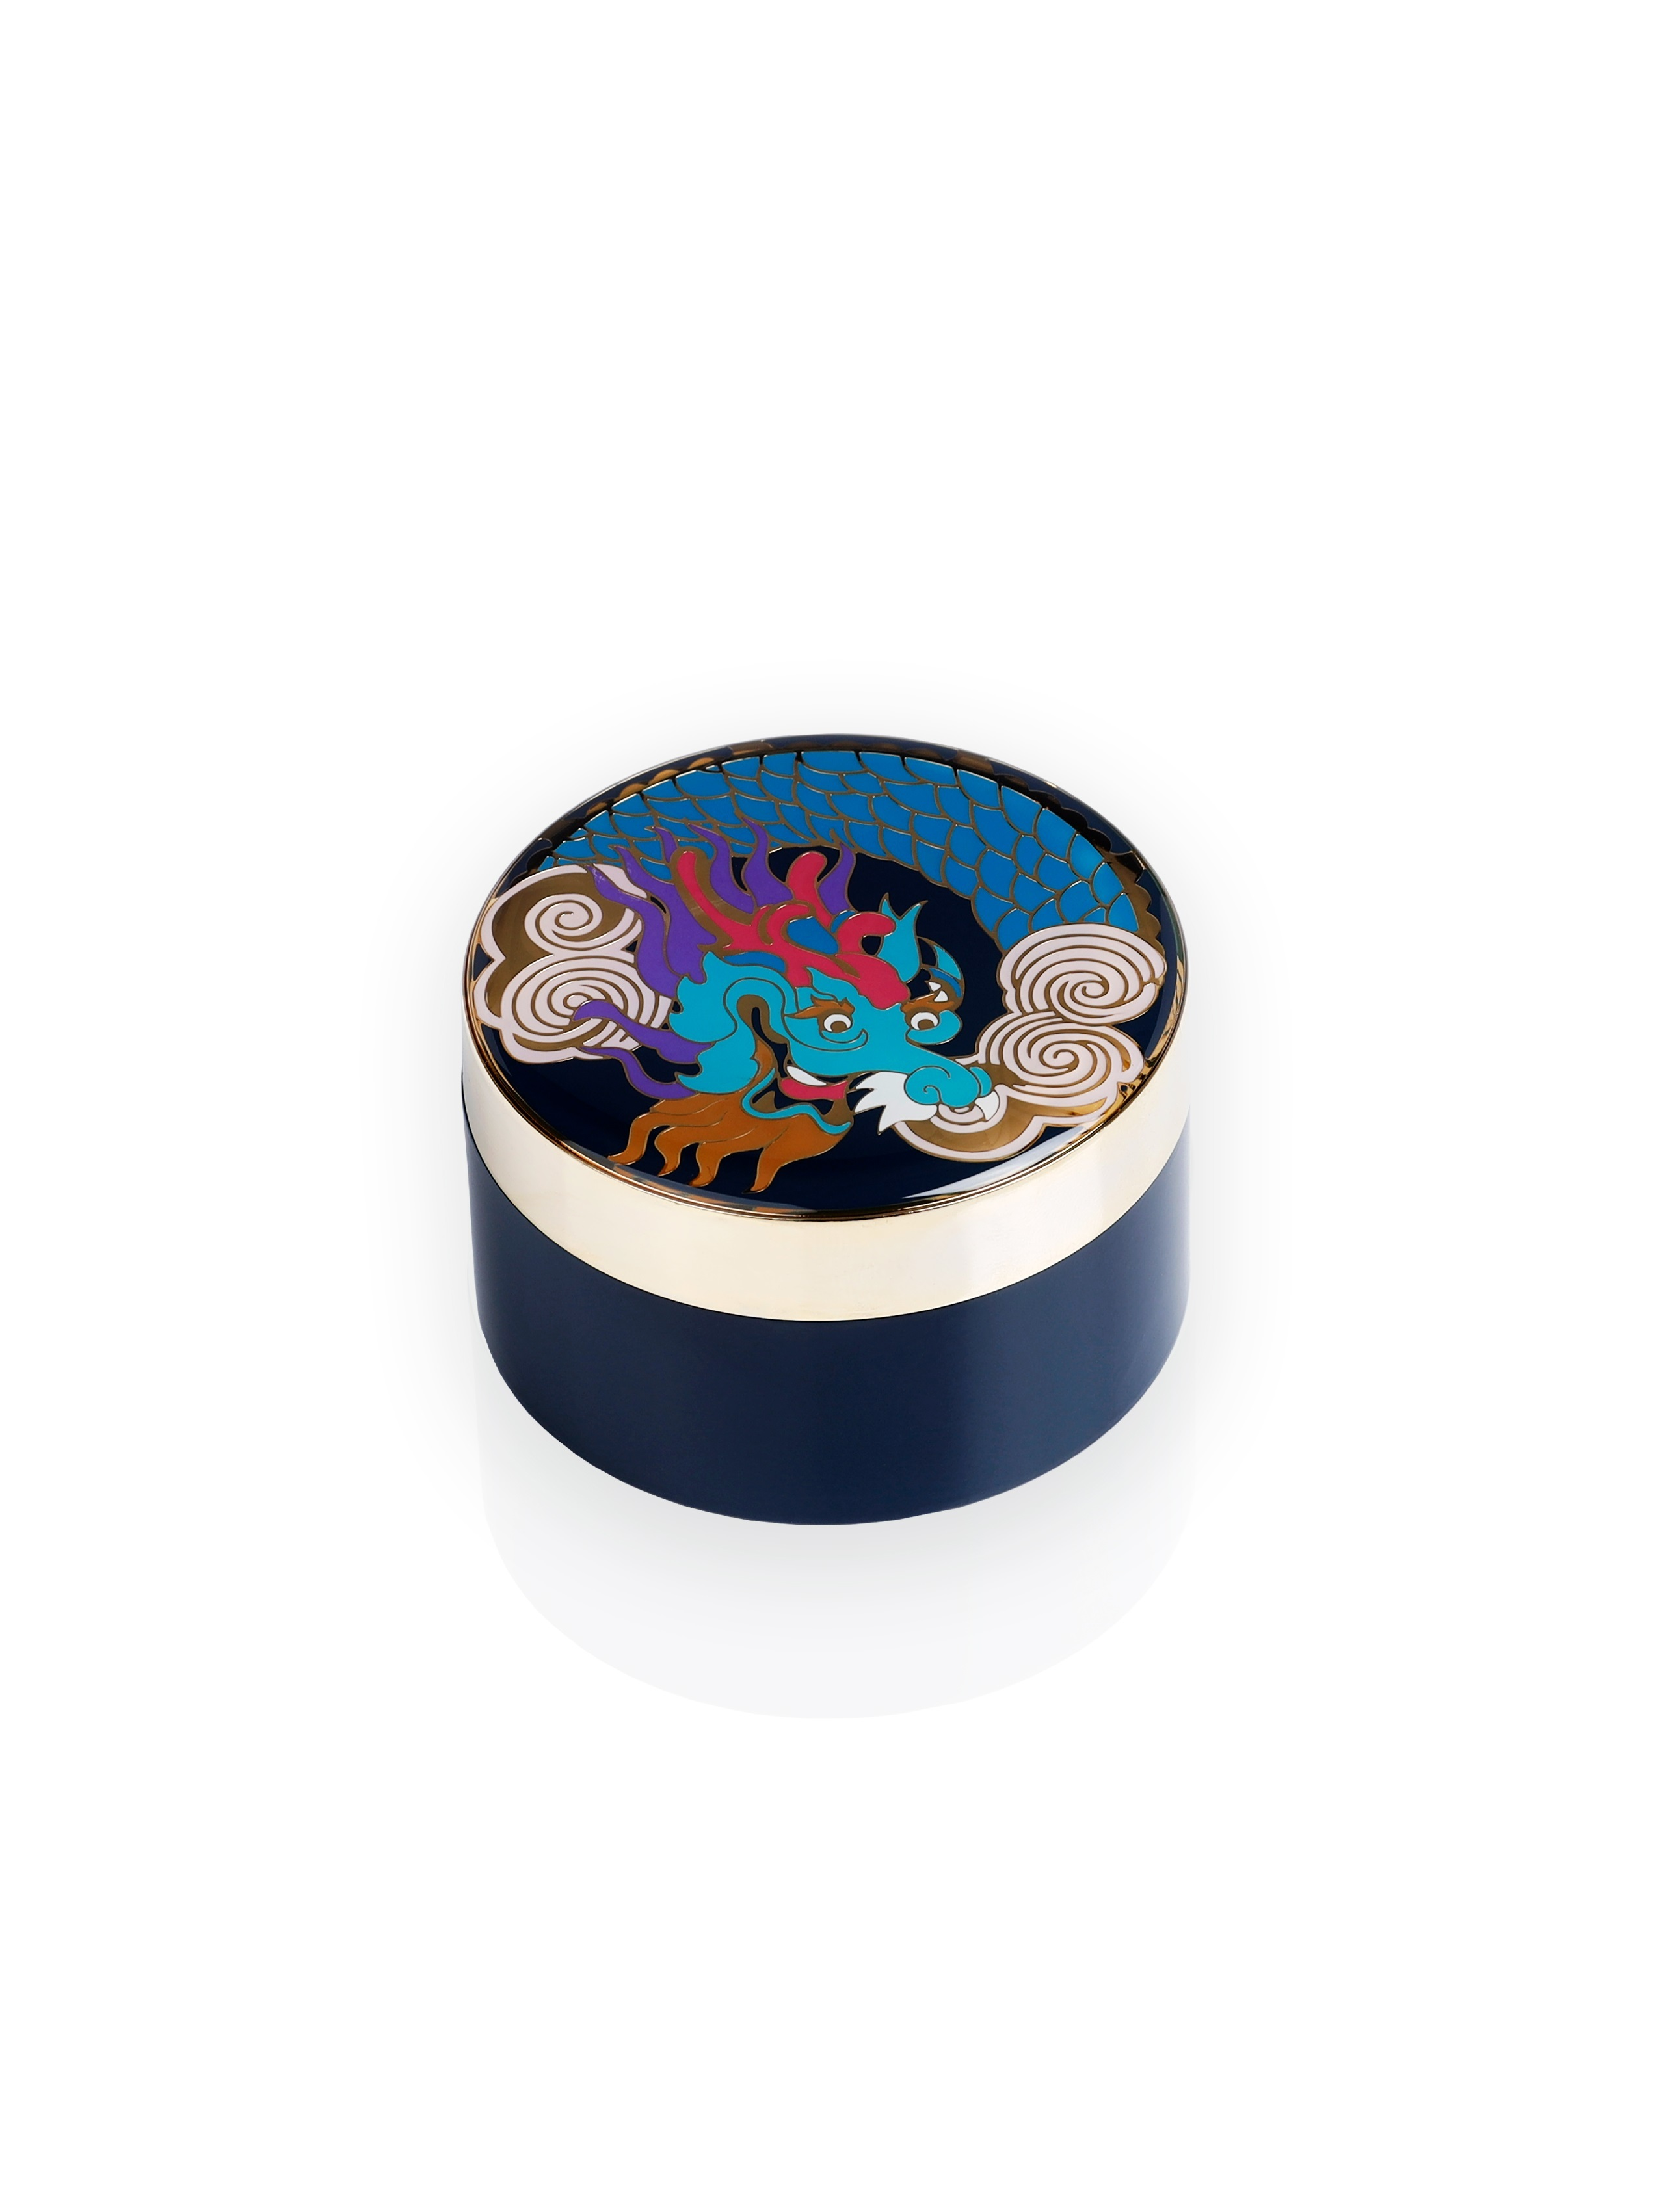 Vivid Dragon Round Enamel Box – Small